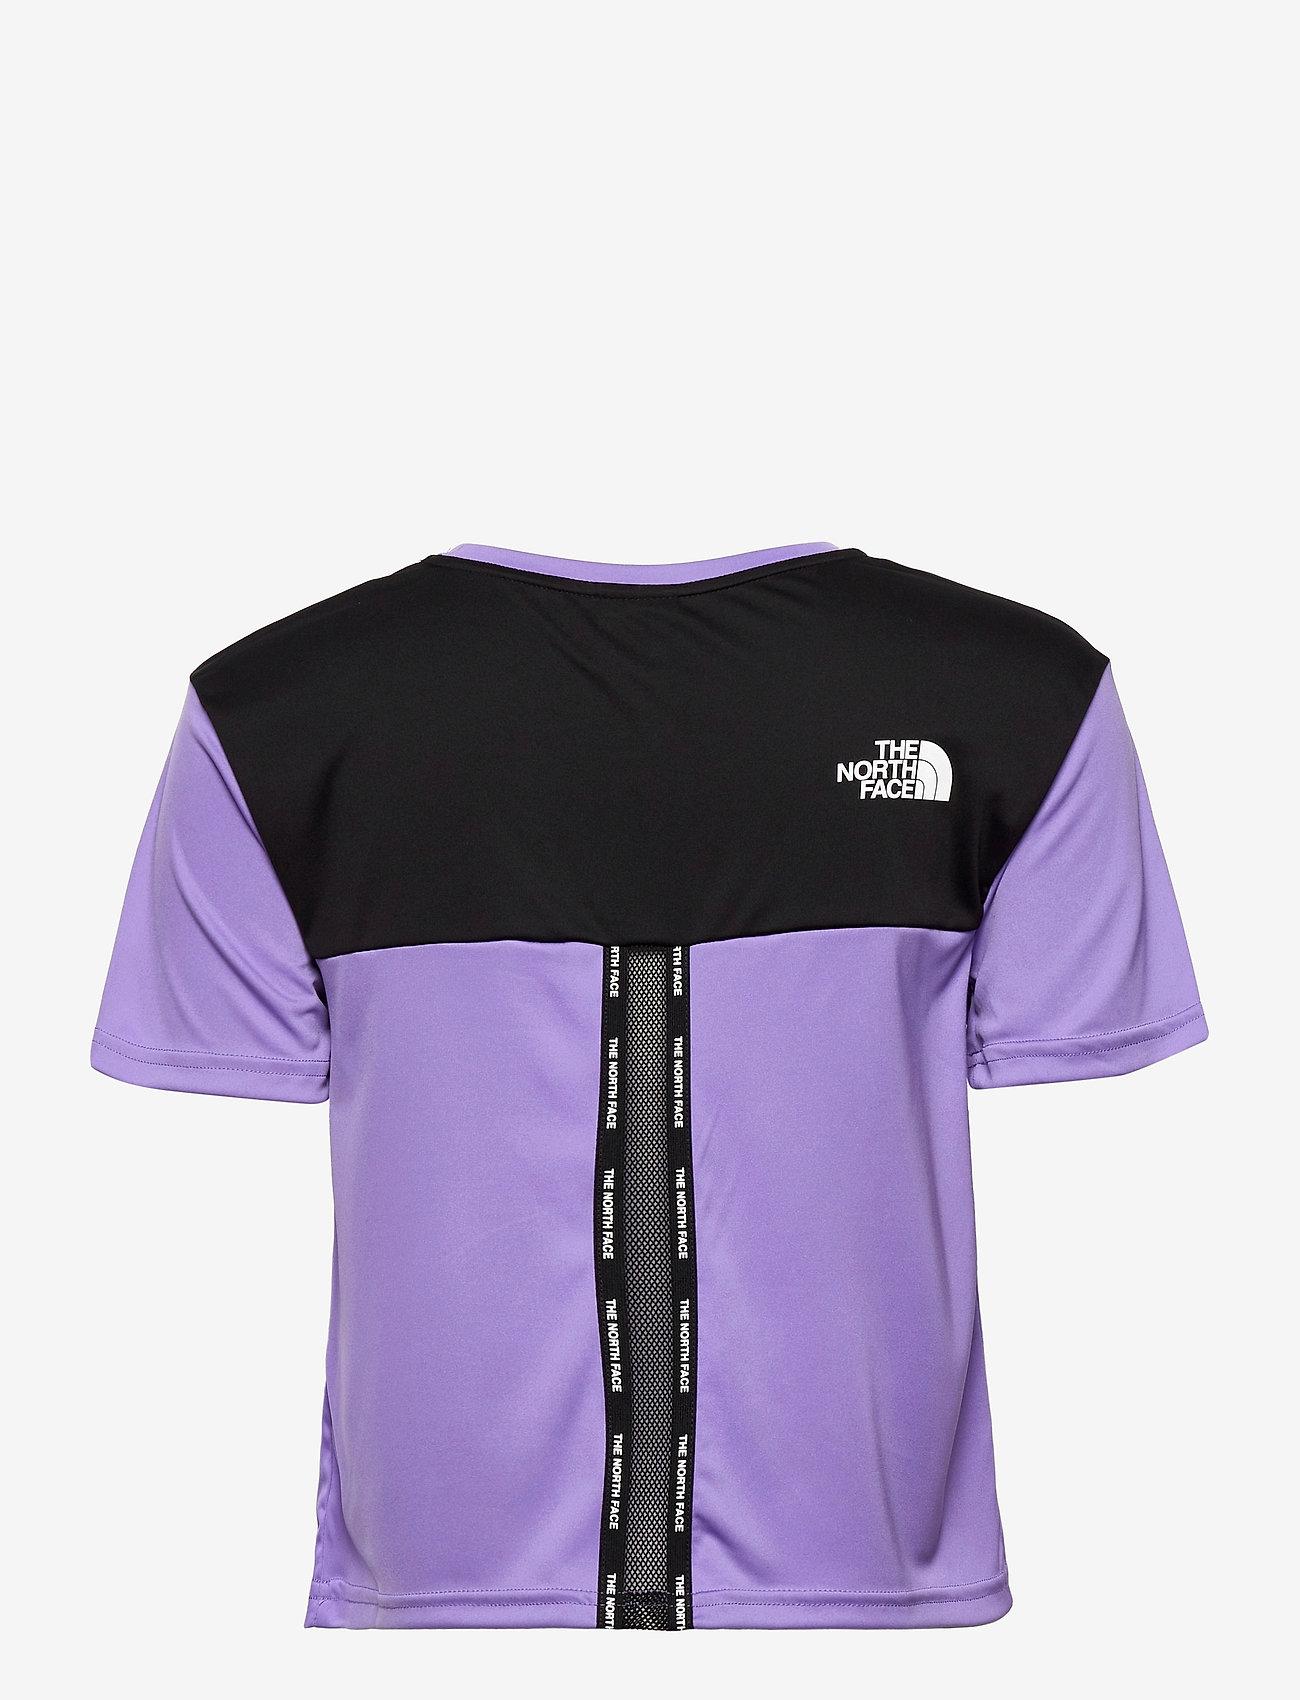 The North Face - W MA TEE - EU - t-shirts - pop purple - 1